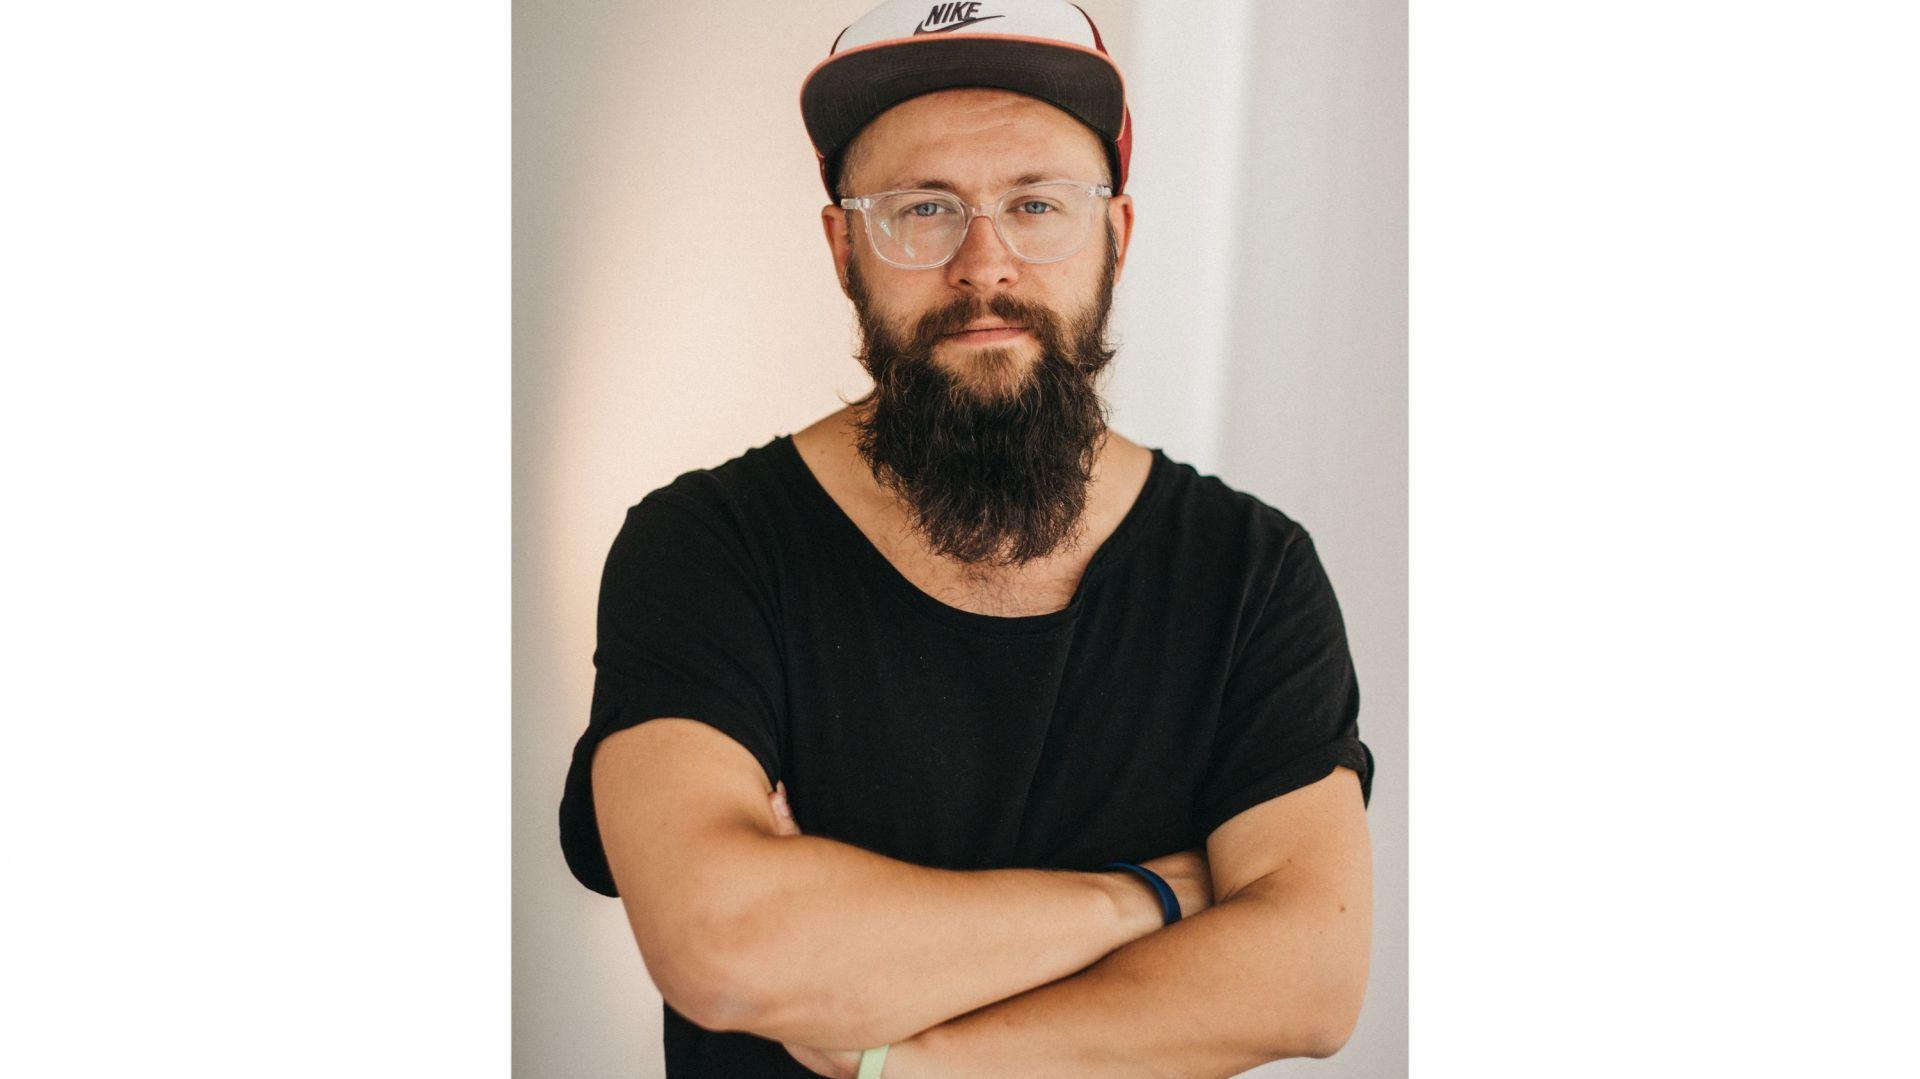 jak-projektowac-dla-kreatywnych-piotr-kalinowski-ceo-mixd-na-fdd-2018.jpg